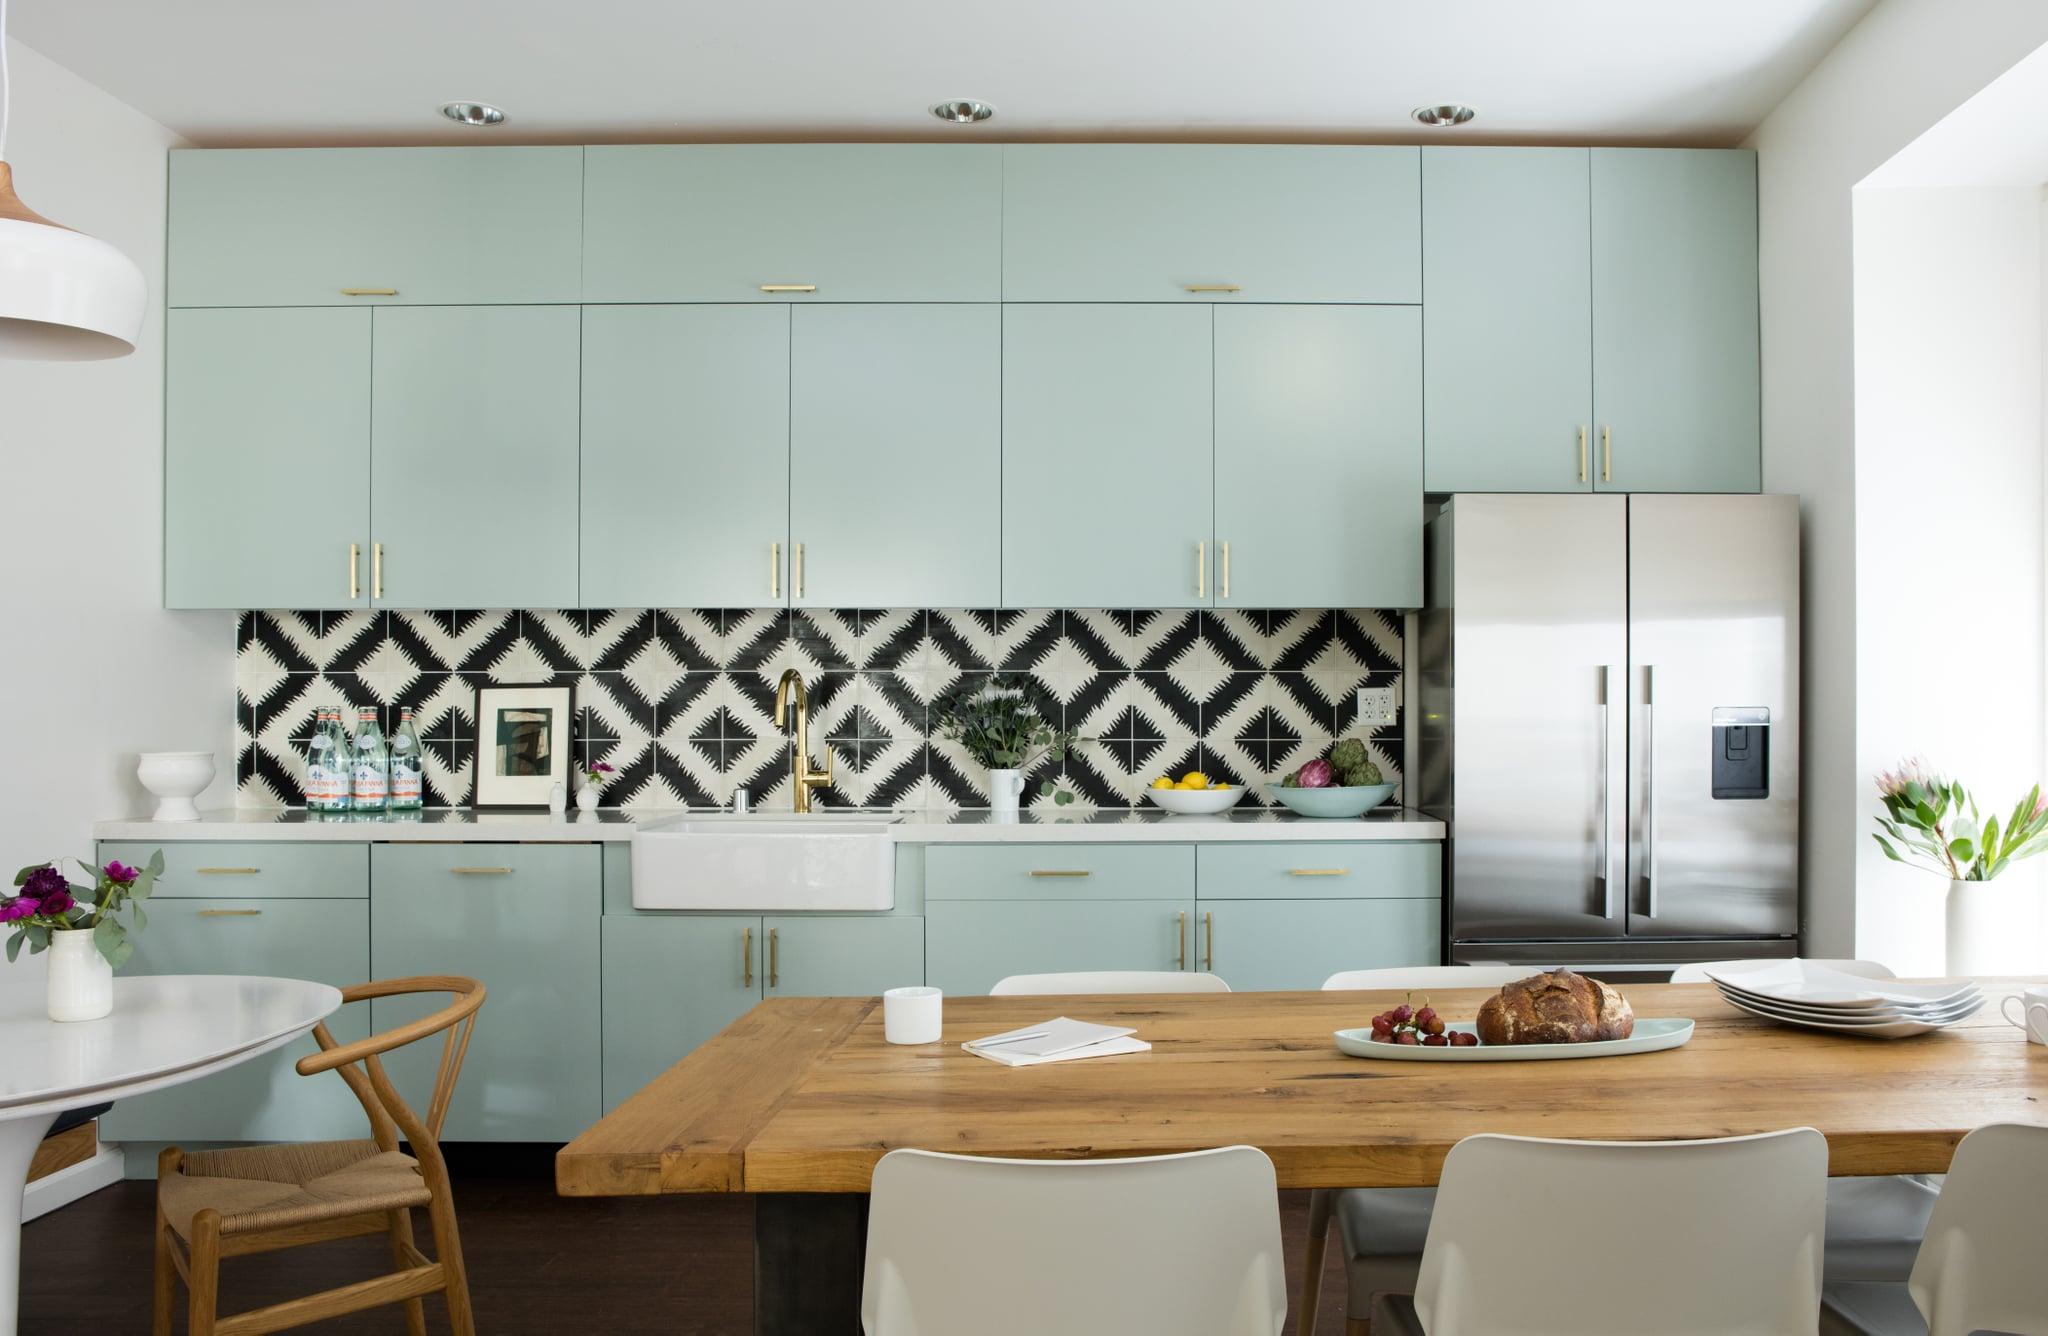 Tủ bếp gỗ công nghiệp màu xanh mint